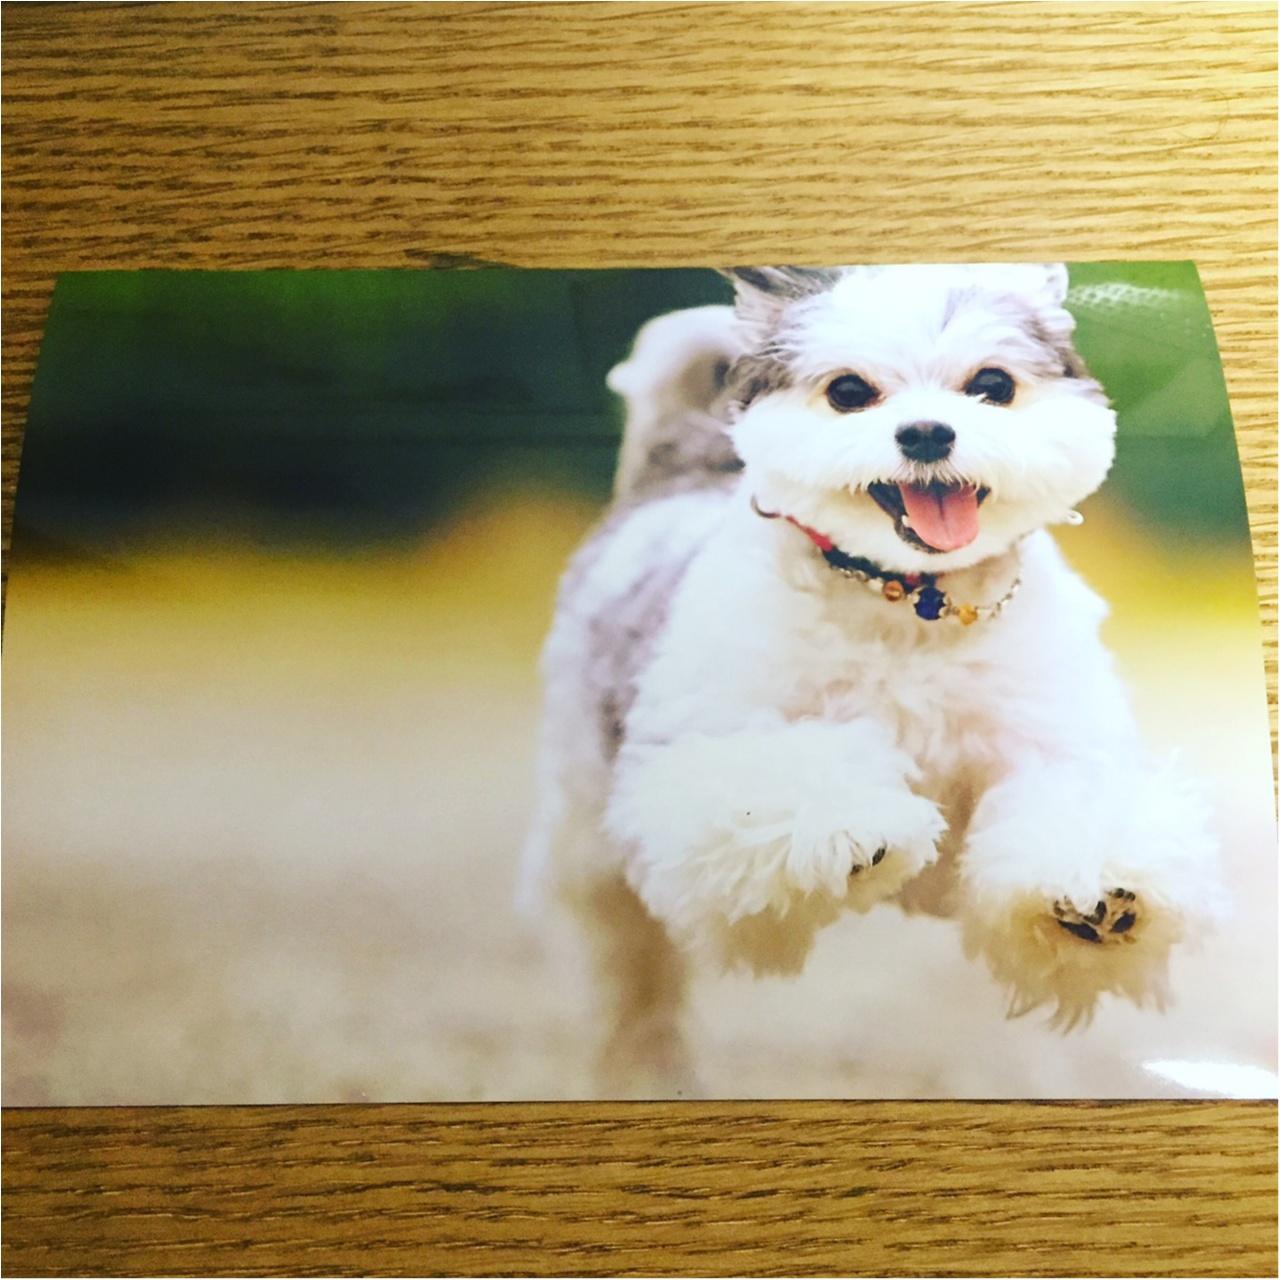 【今日のわんこ】幸せなときを切り取って♪ 太郎くんの思い出写真_1